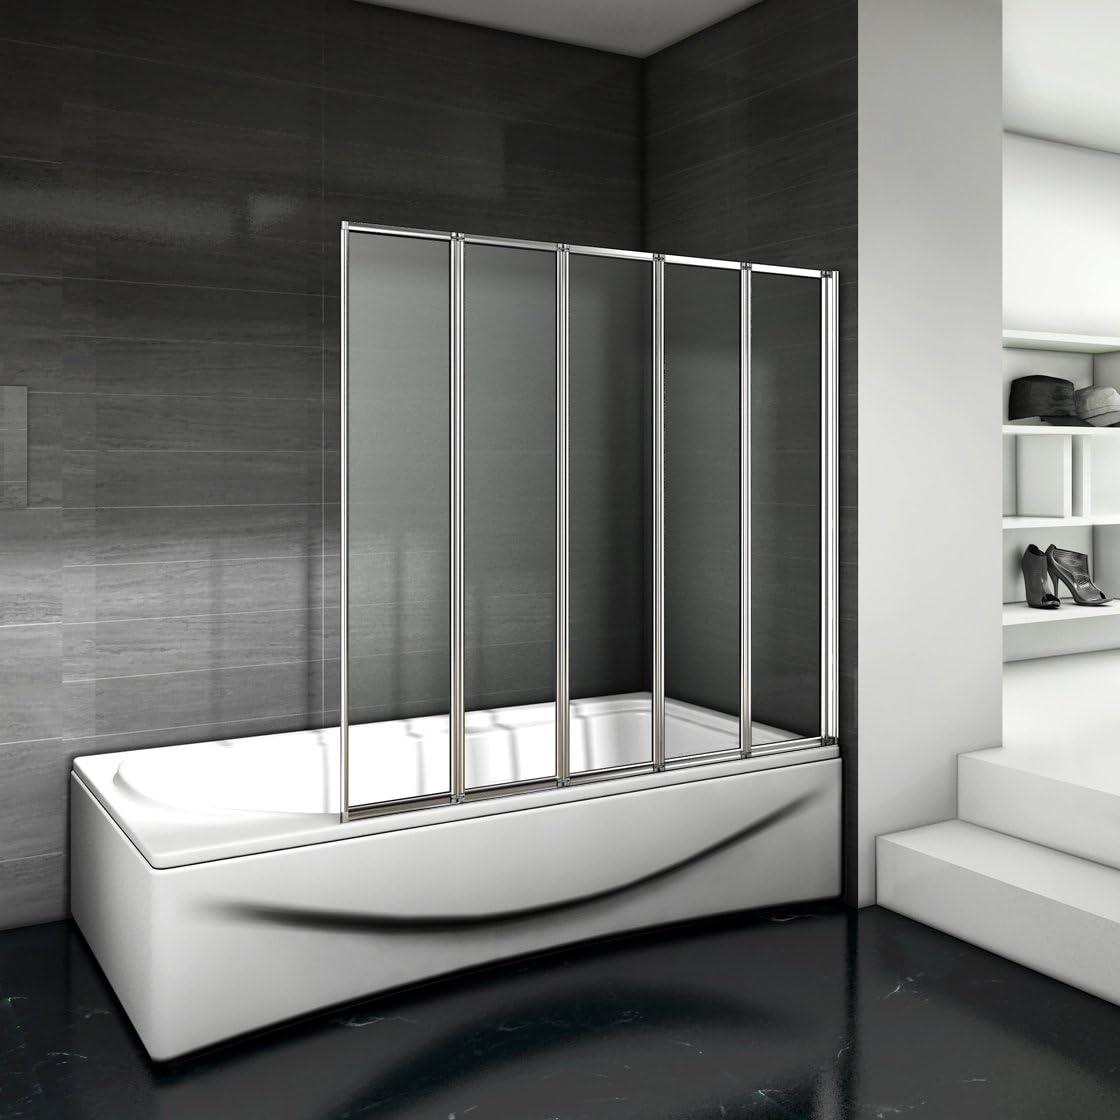 Mamparas pantalla de bañera biombo 5 veces plegable de Aica 1200 x ...